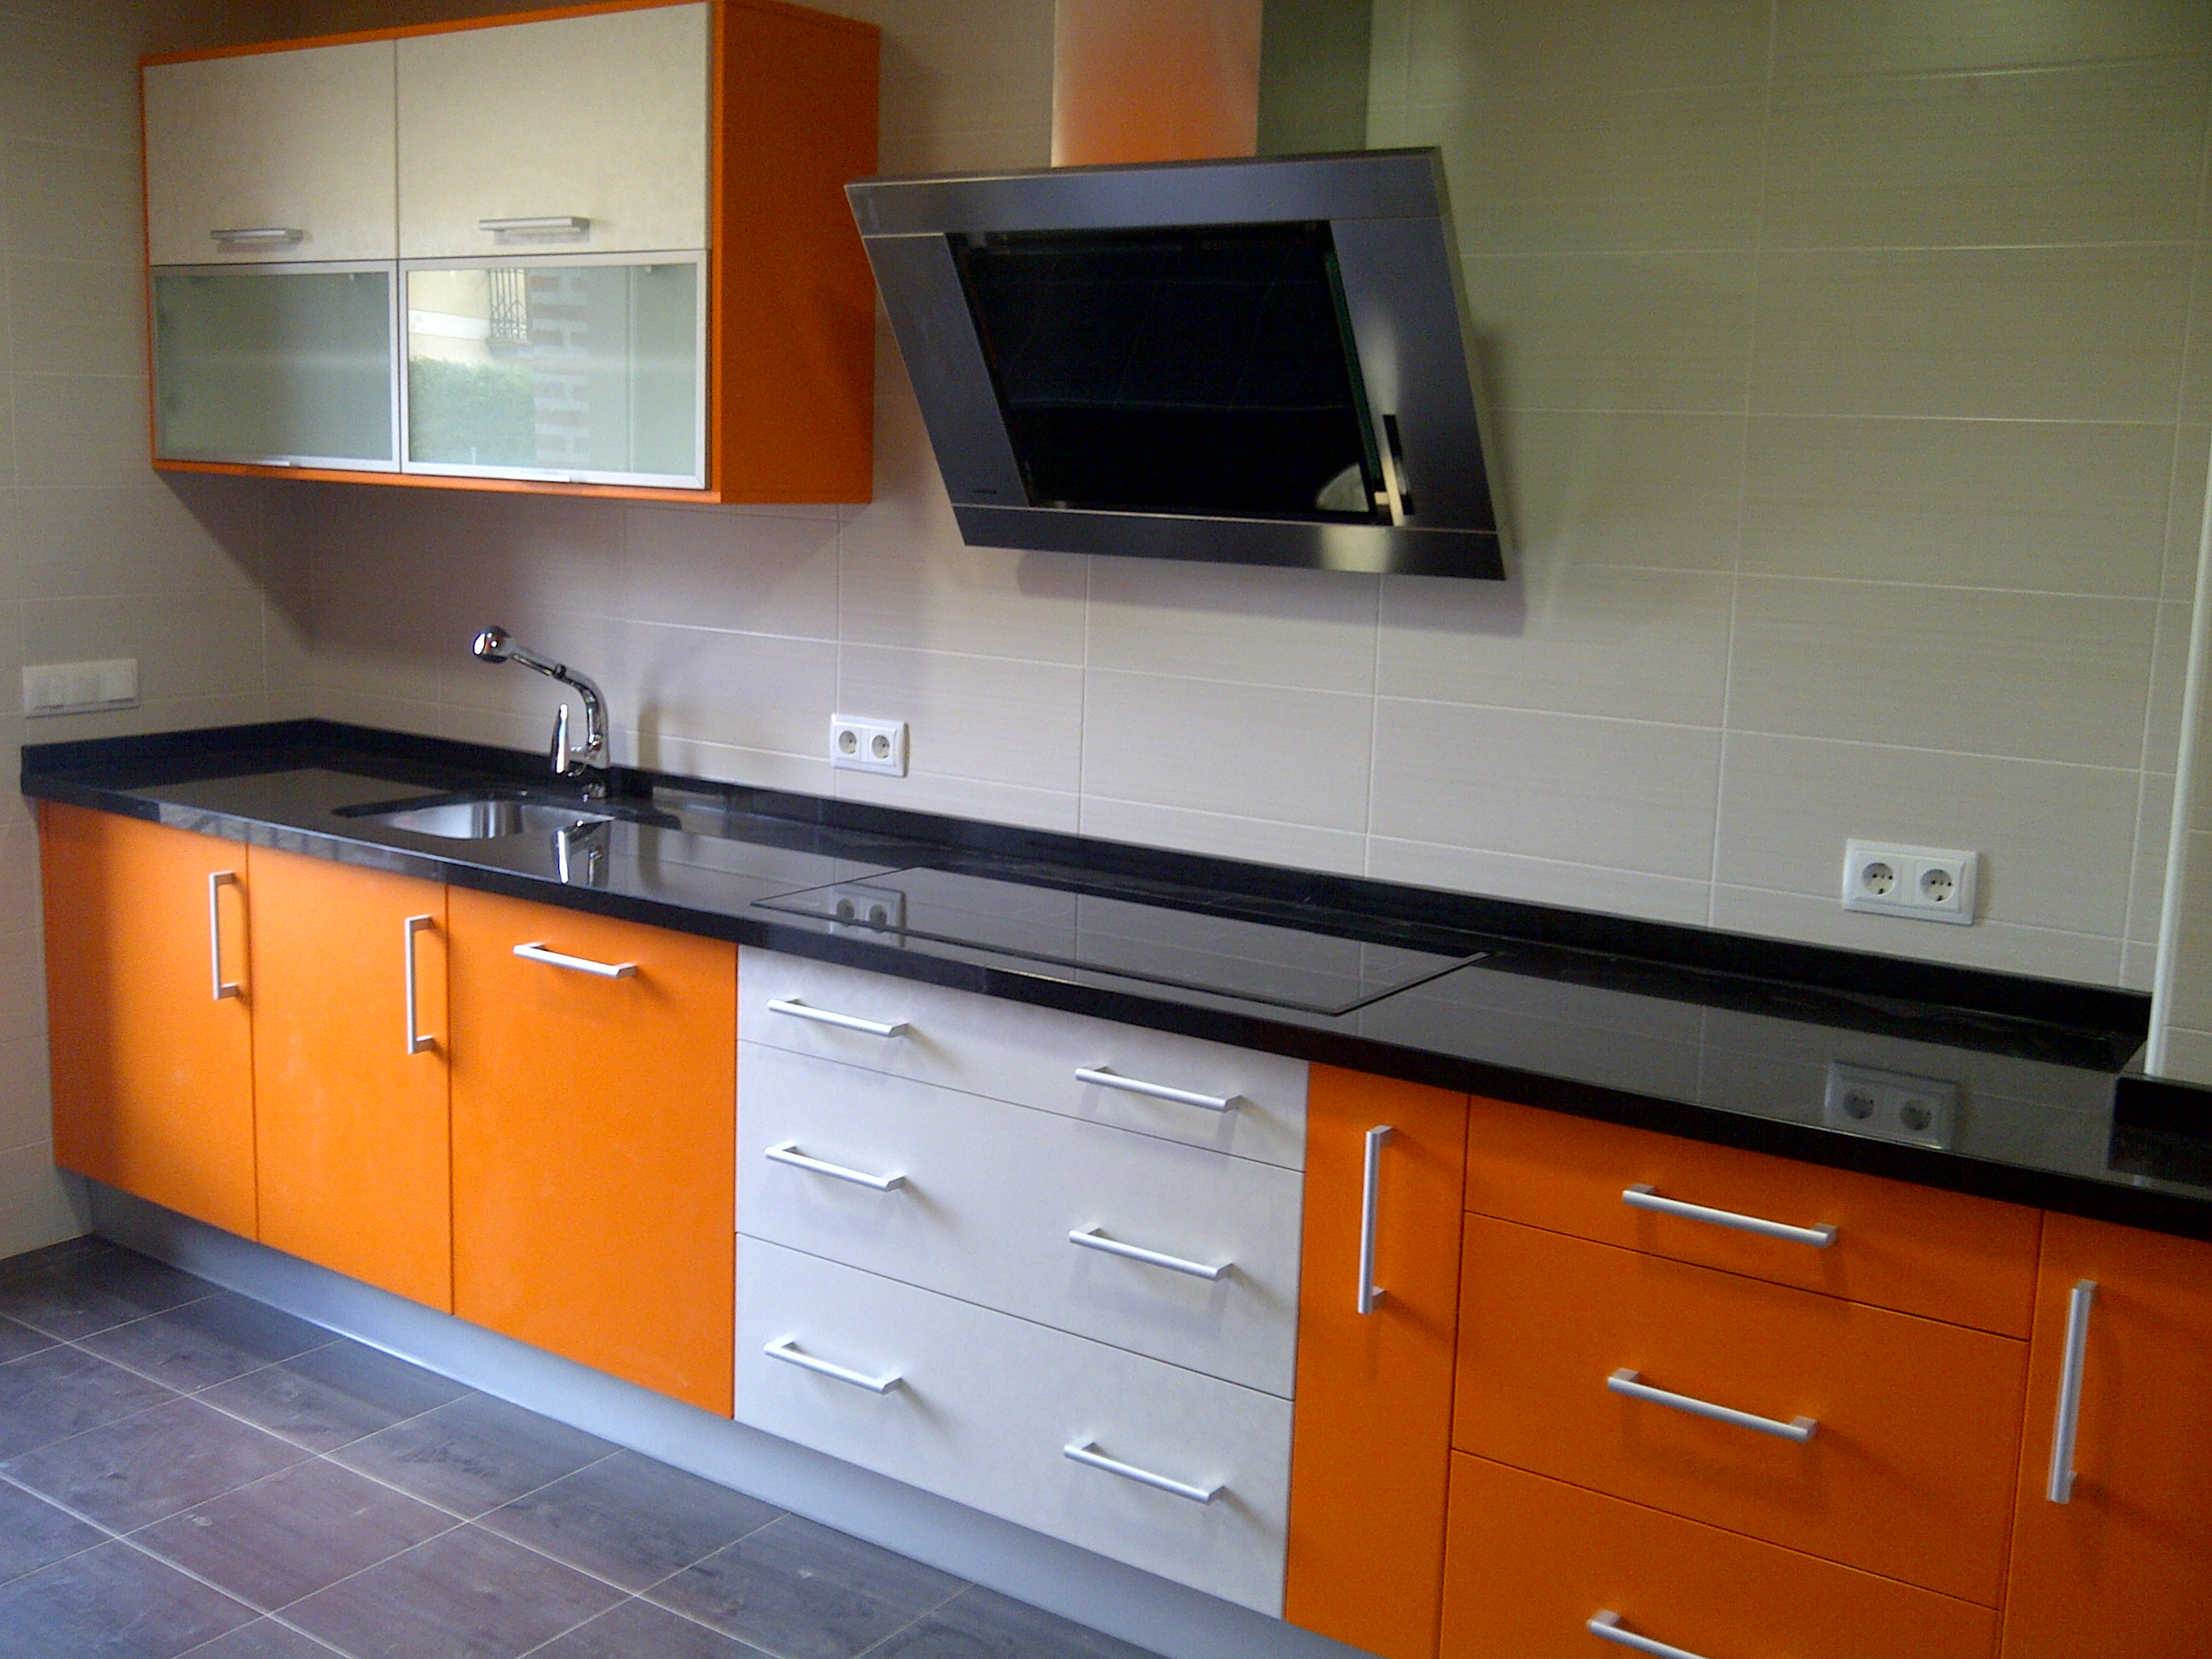 Gamacocinas galeria - Cocinas naranjas y blancas ...